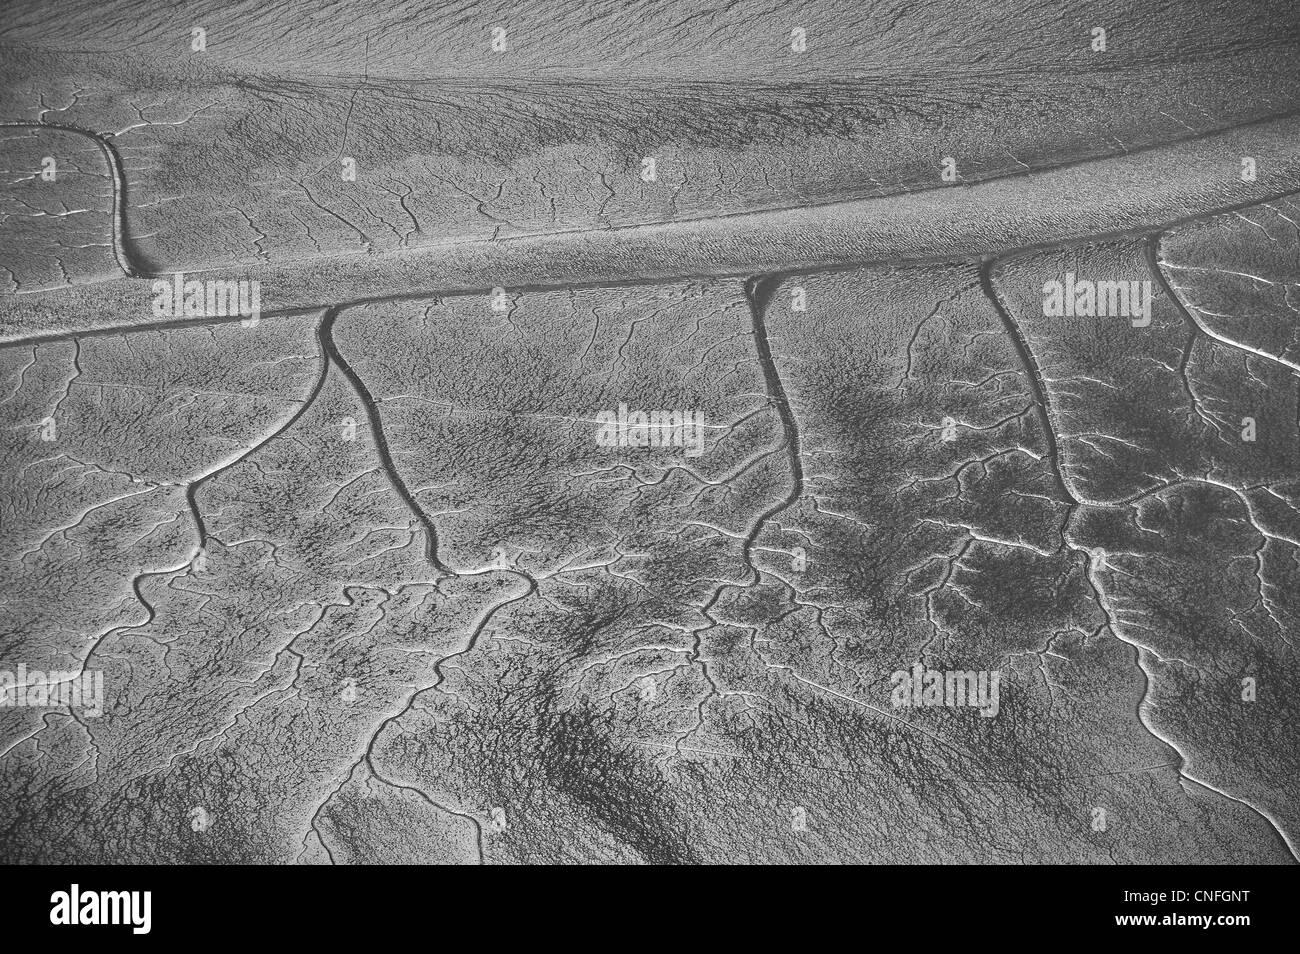 aerial photograph tidal wetlands mud flats San Francisco bay - Stock Image